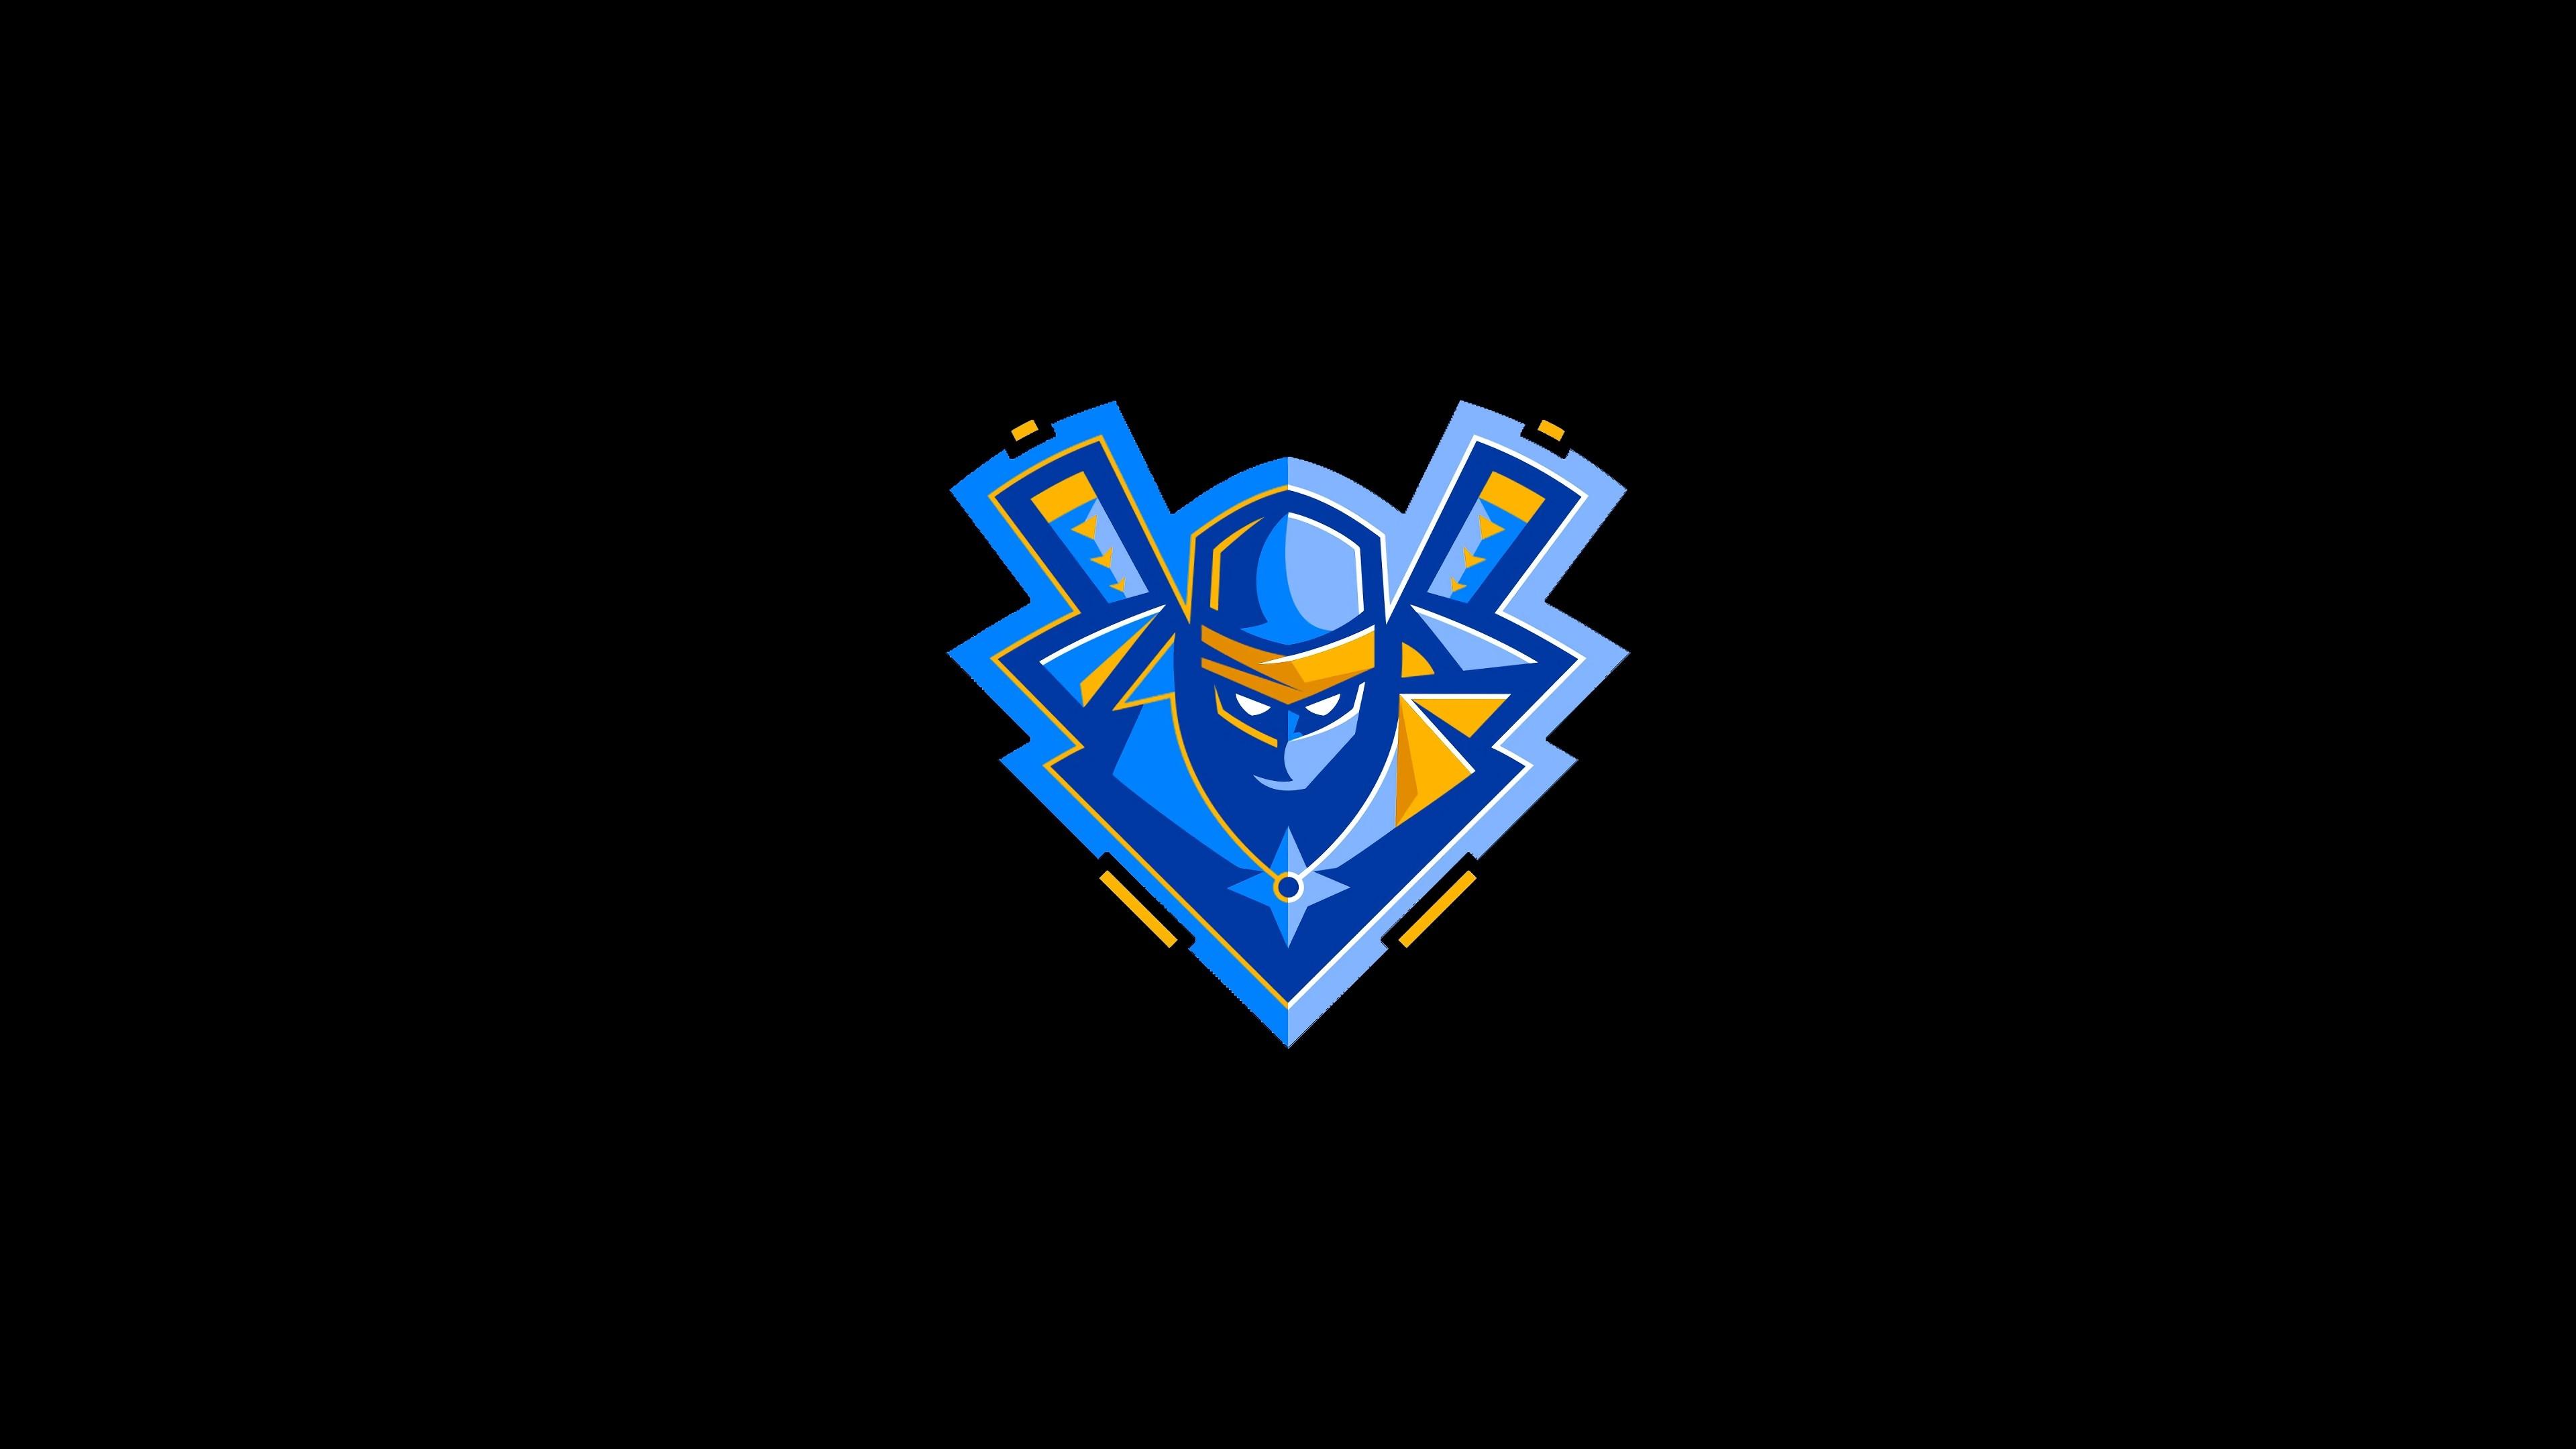 Ninja Logo Fortnite Battle Royale 4K 3840x2160 Wallpaper #65.